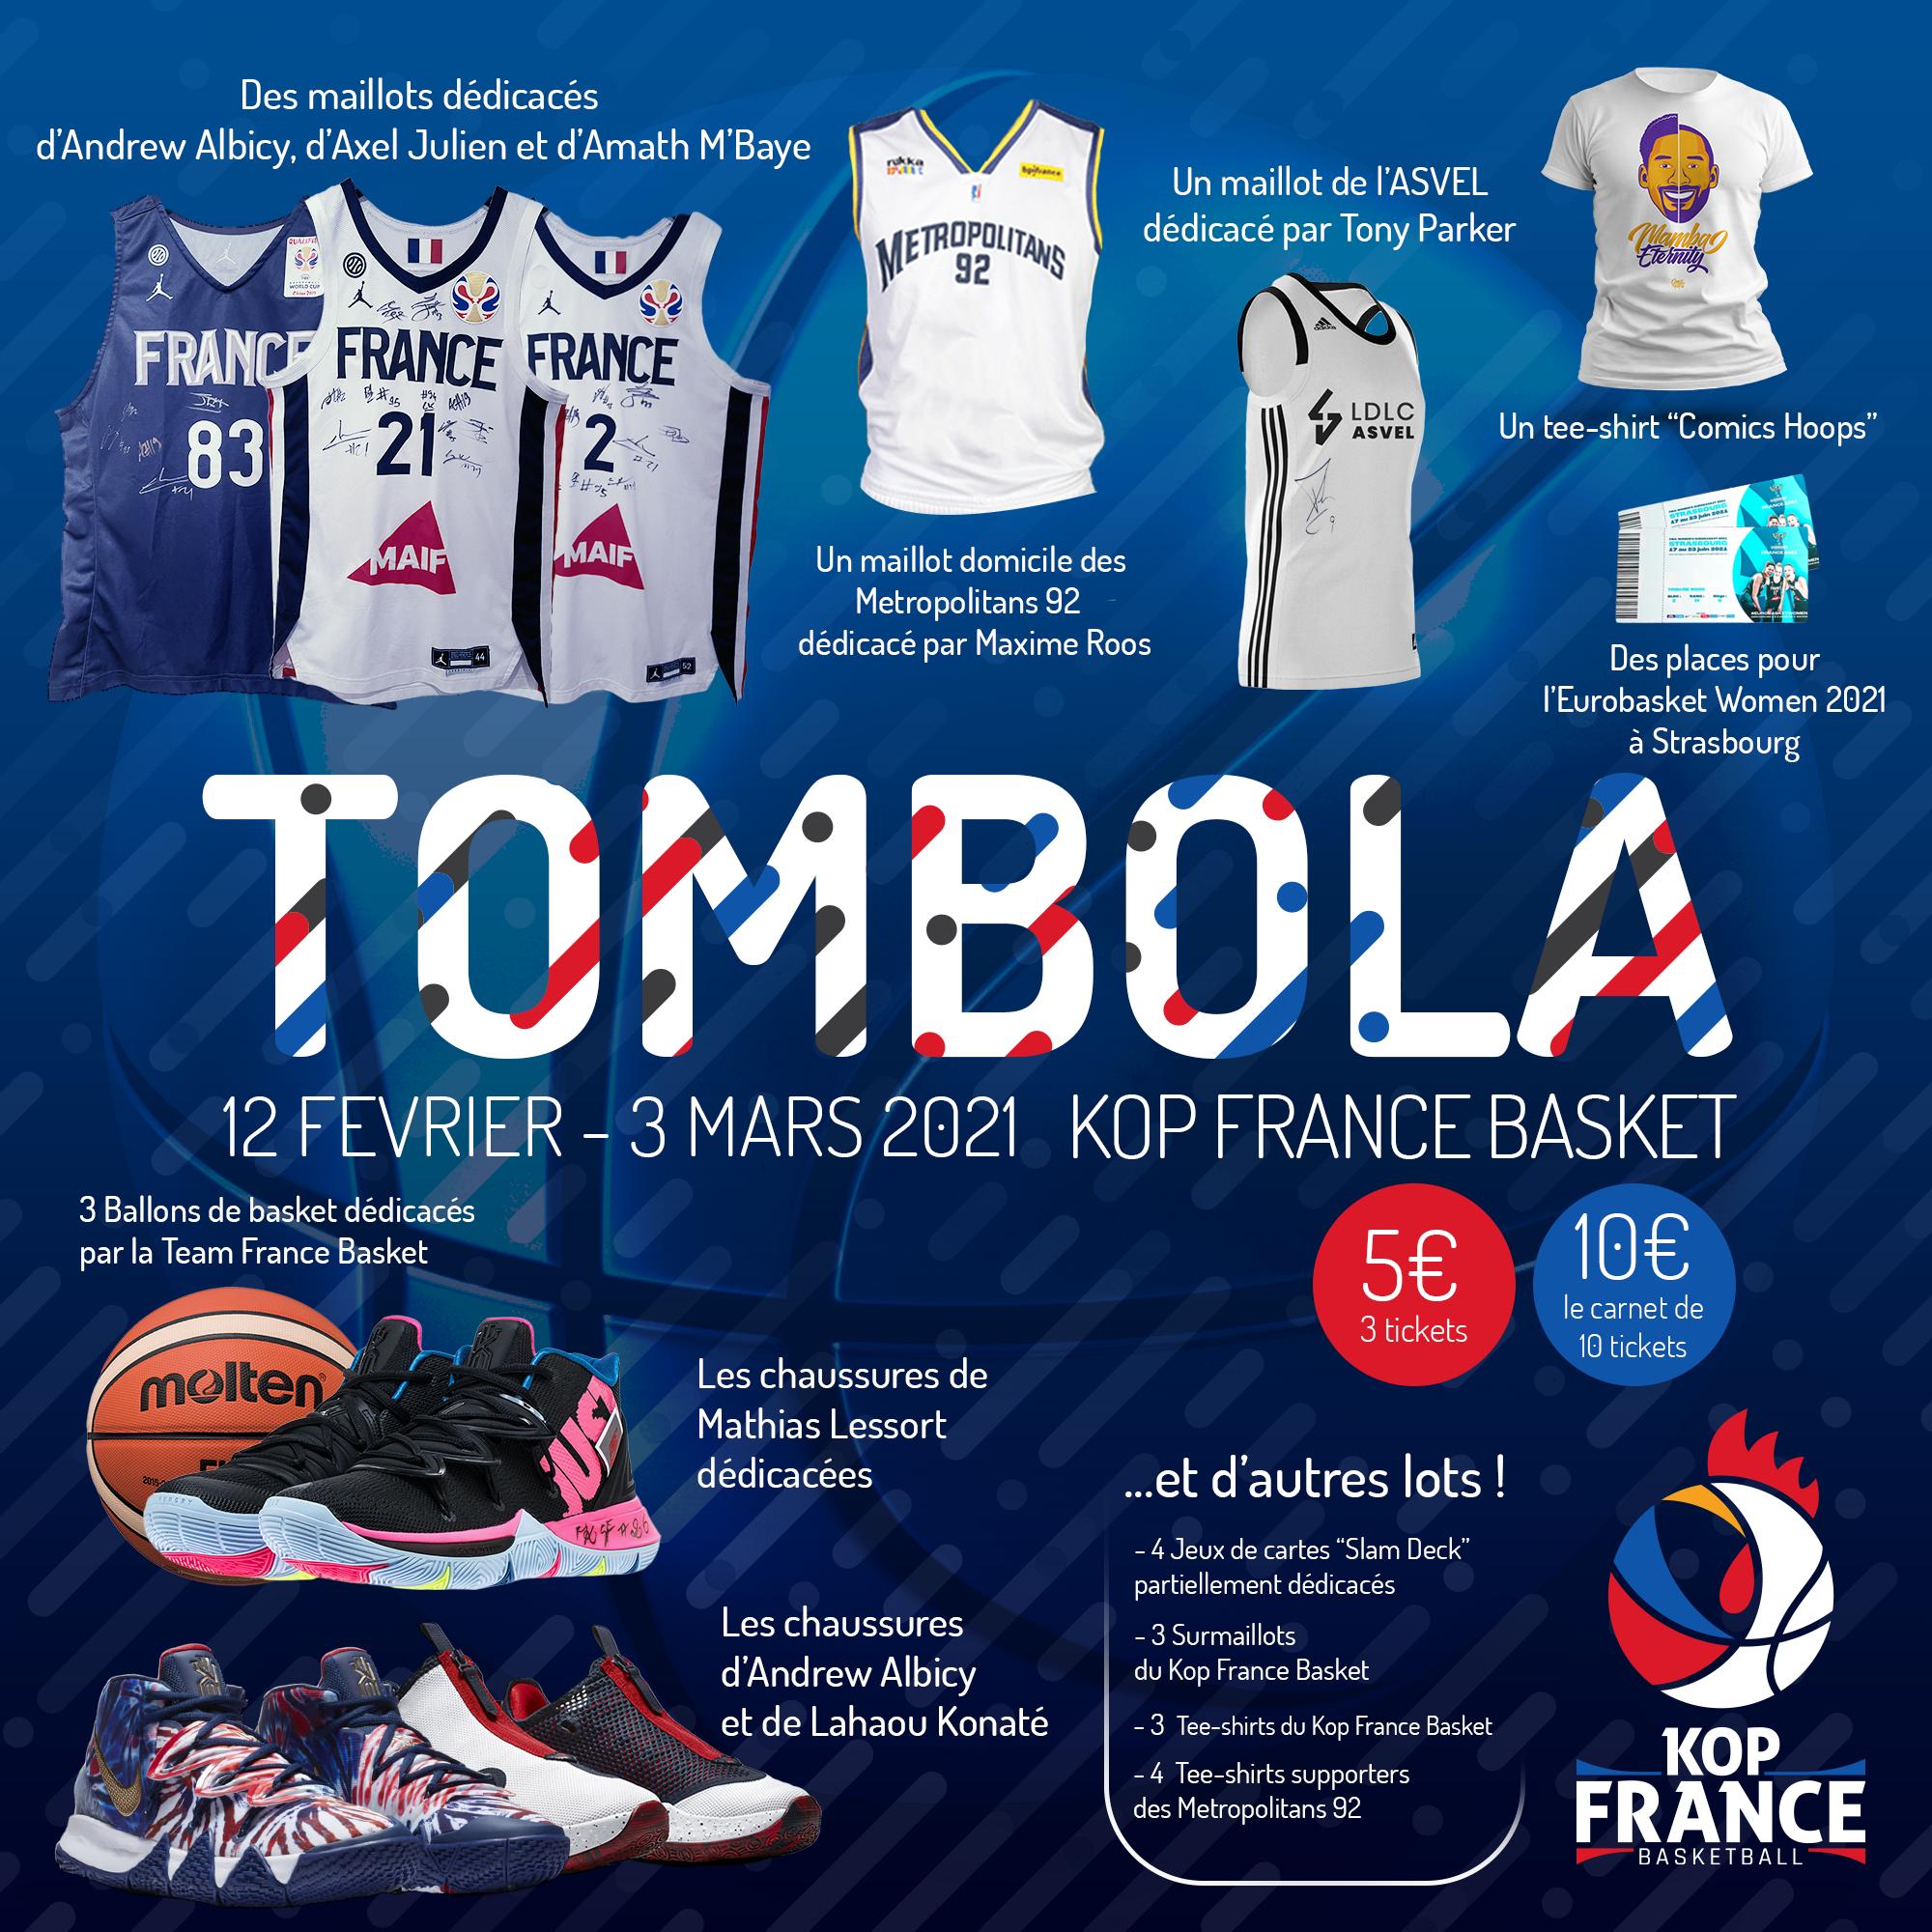 La Tombola du Kop France Basket est lancée !